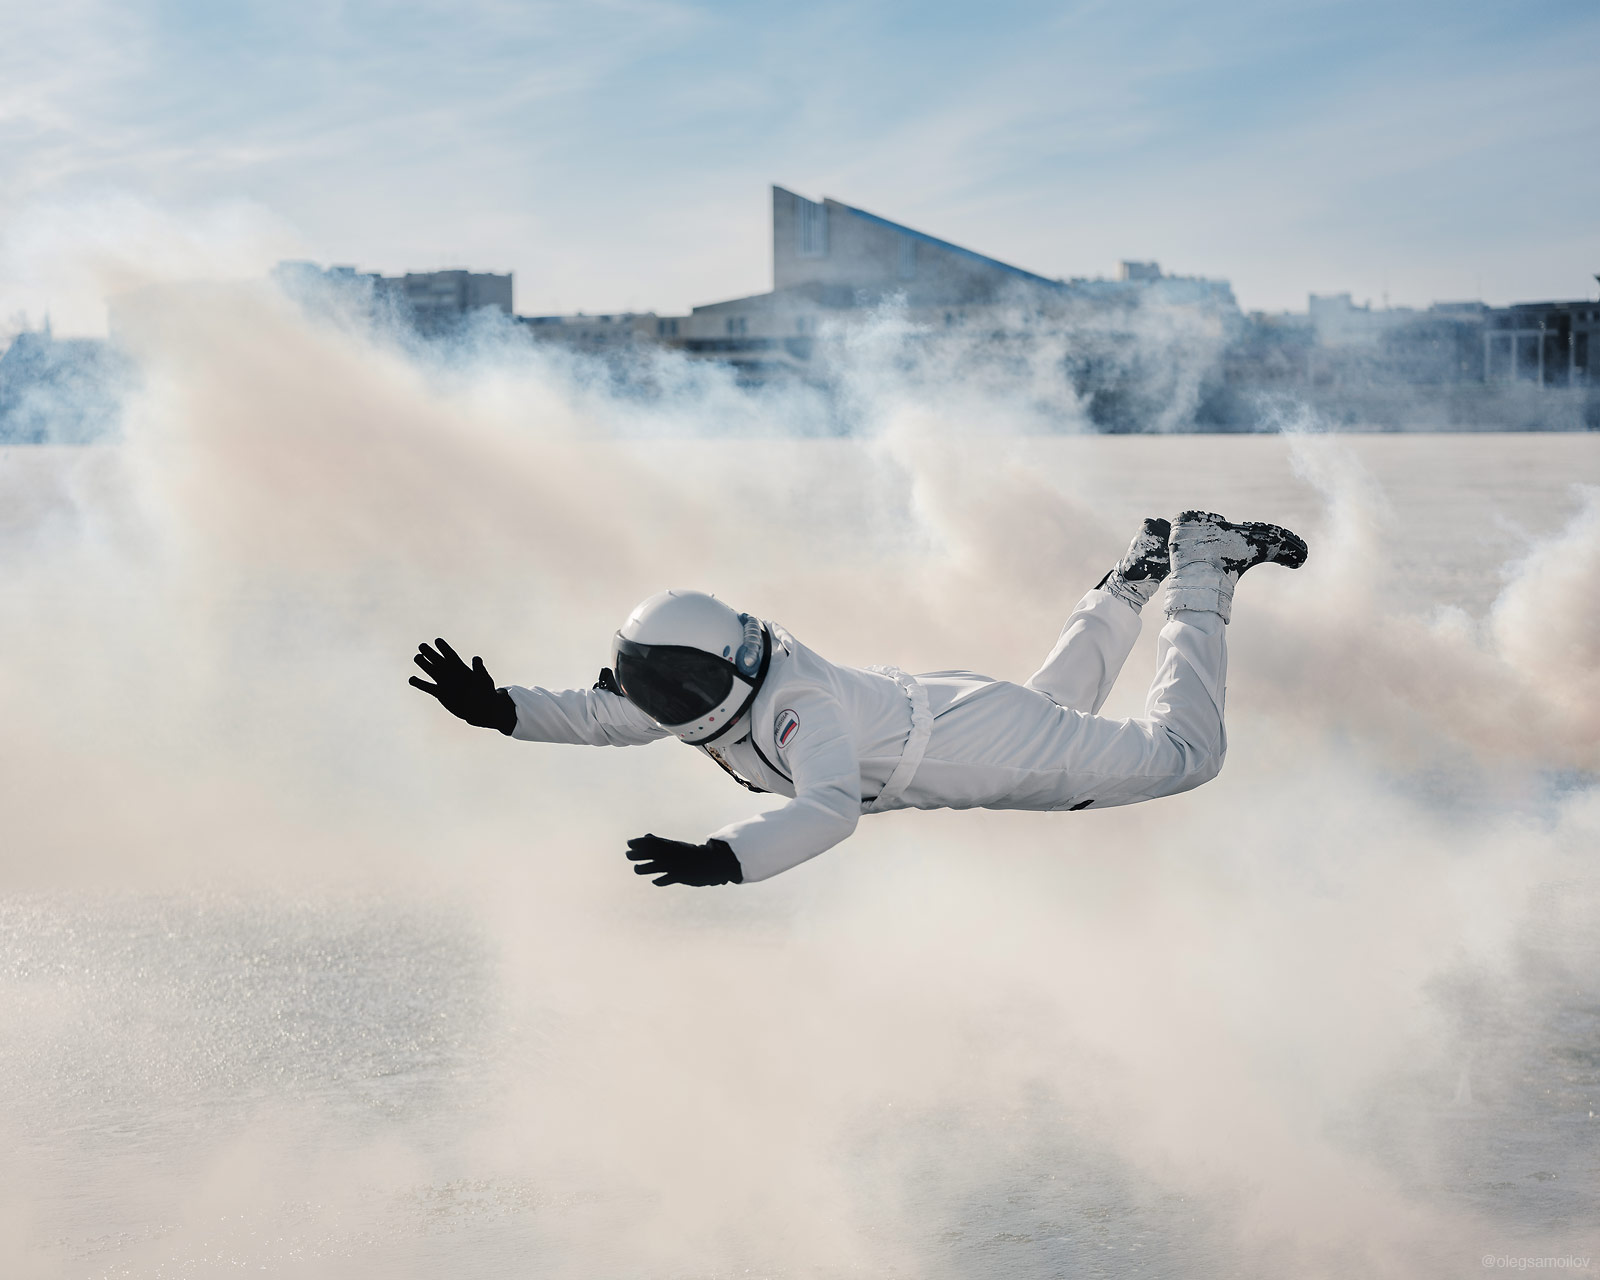 Фотопроект ко дню космонавтики вирусный